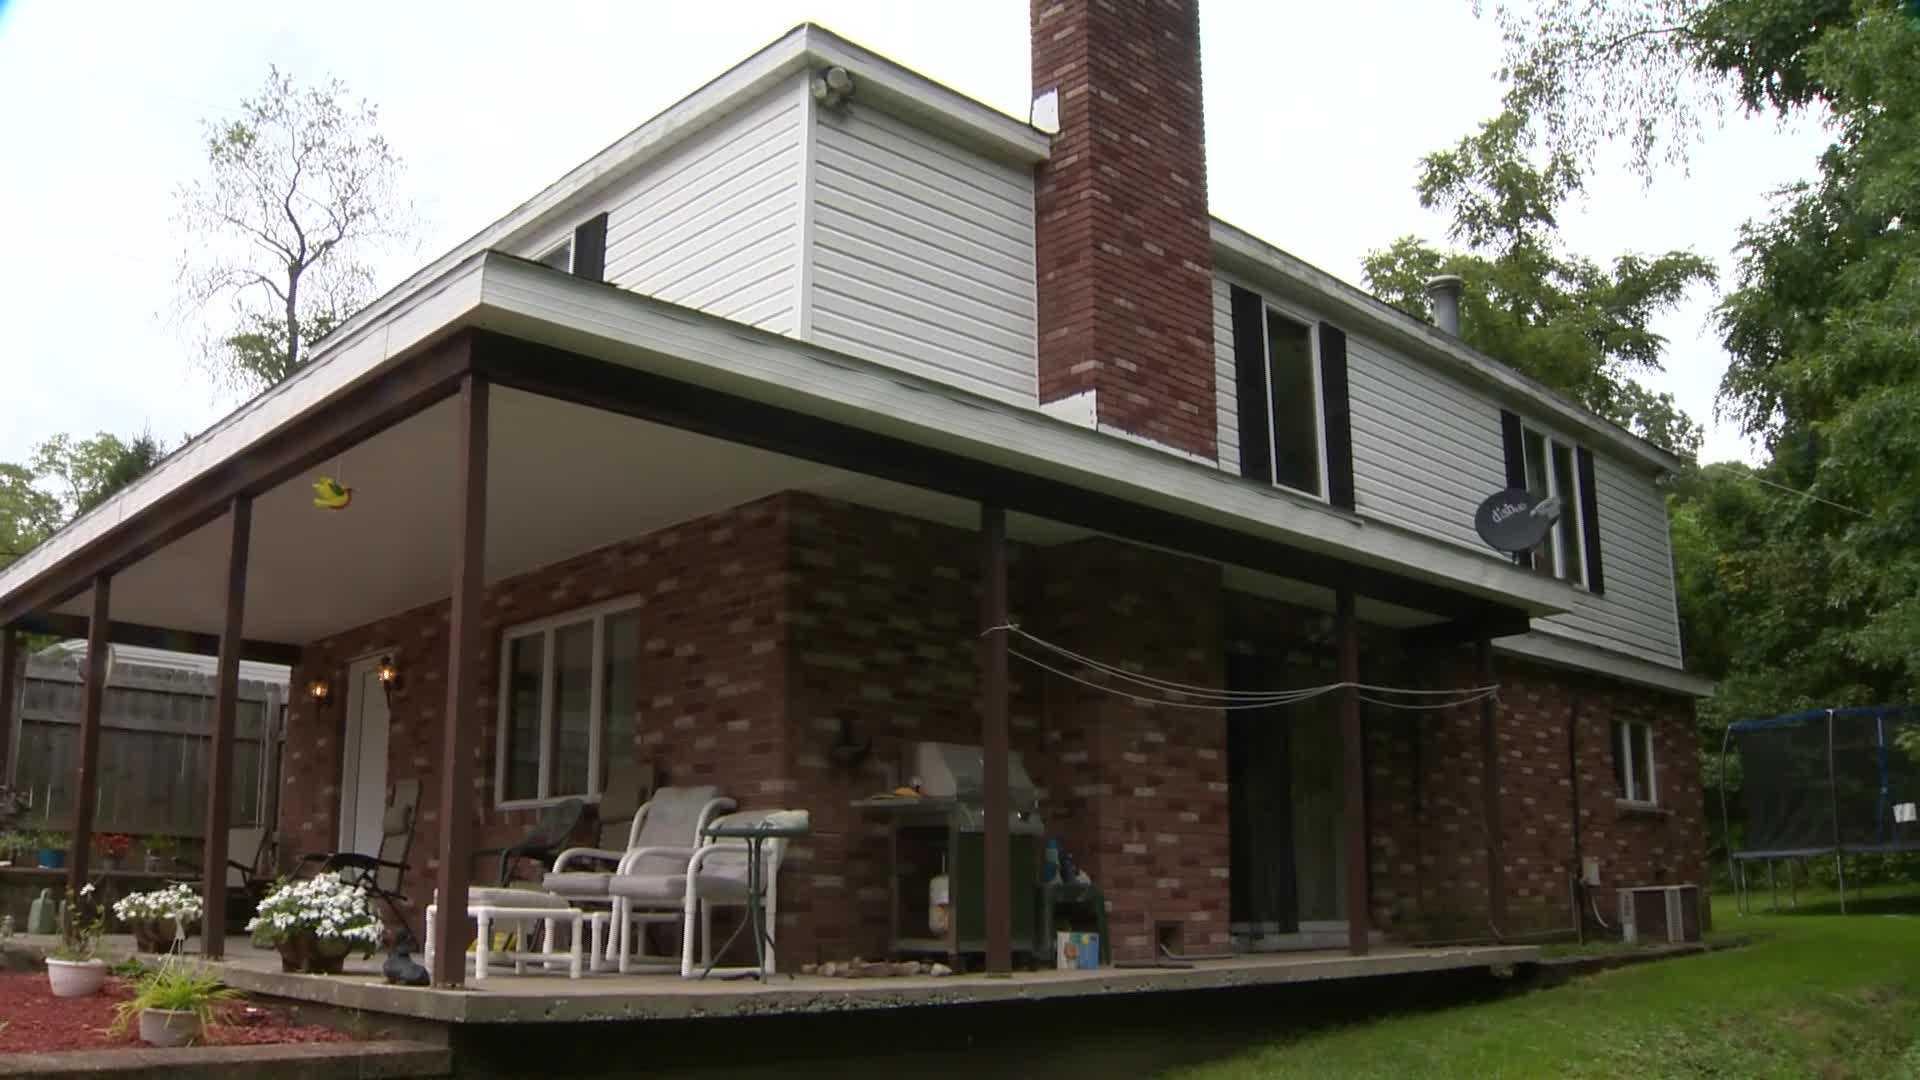 murrysville monkey house